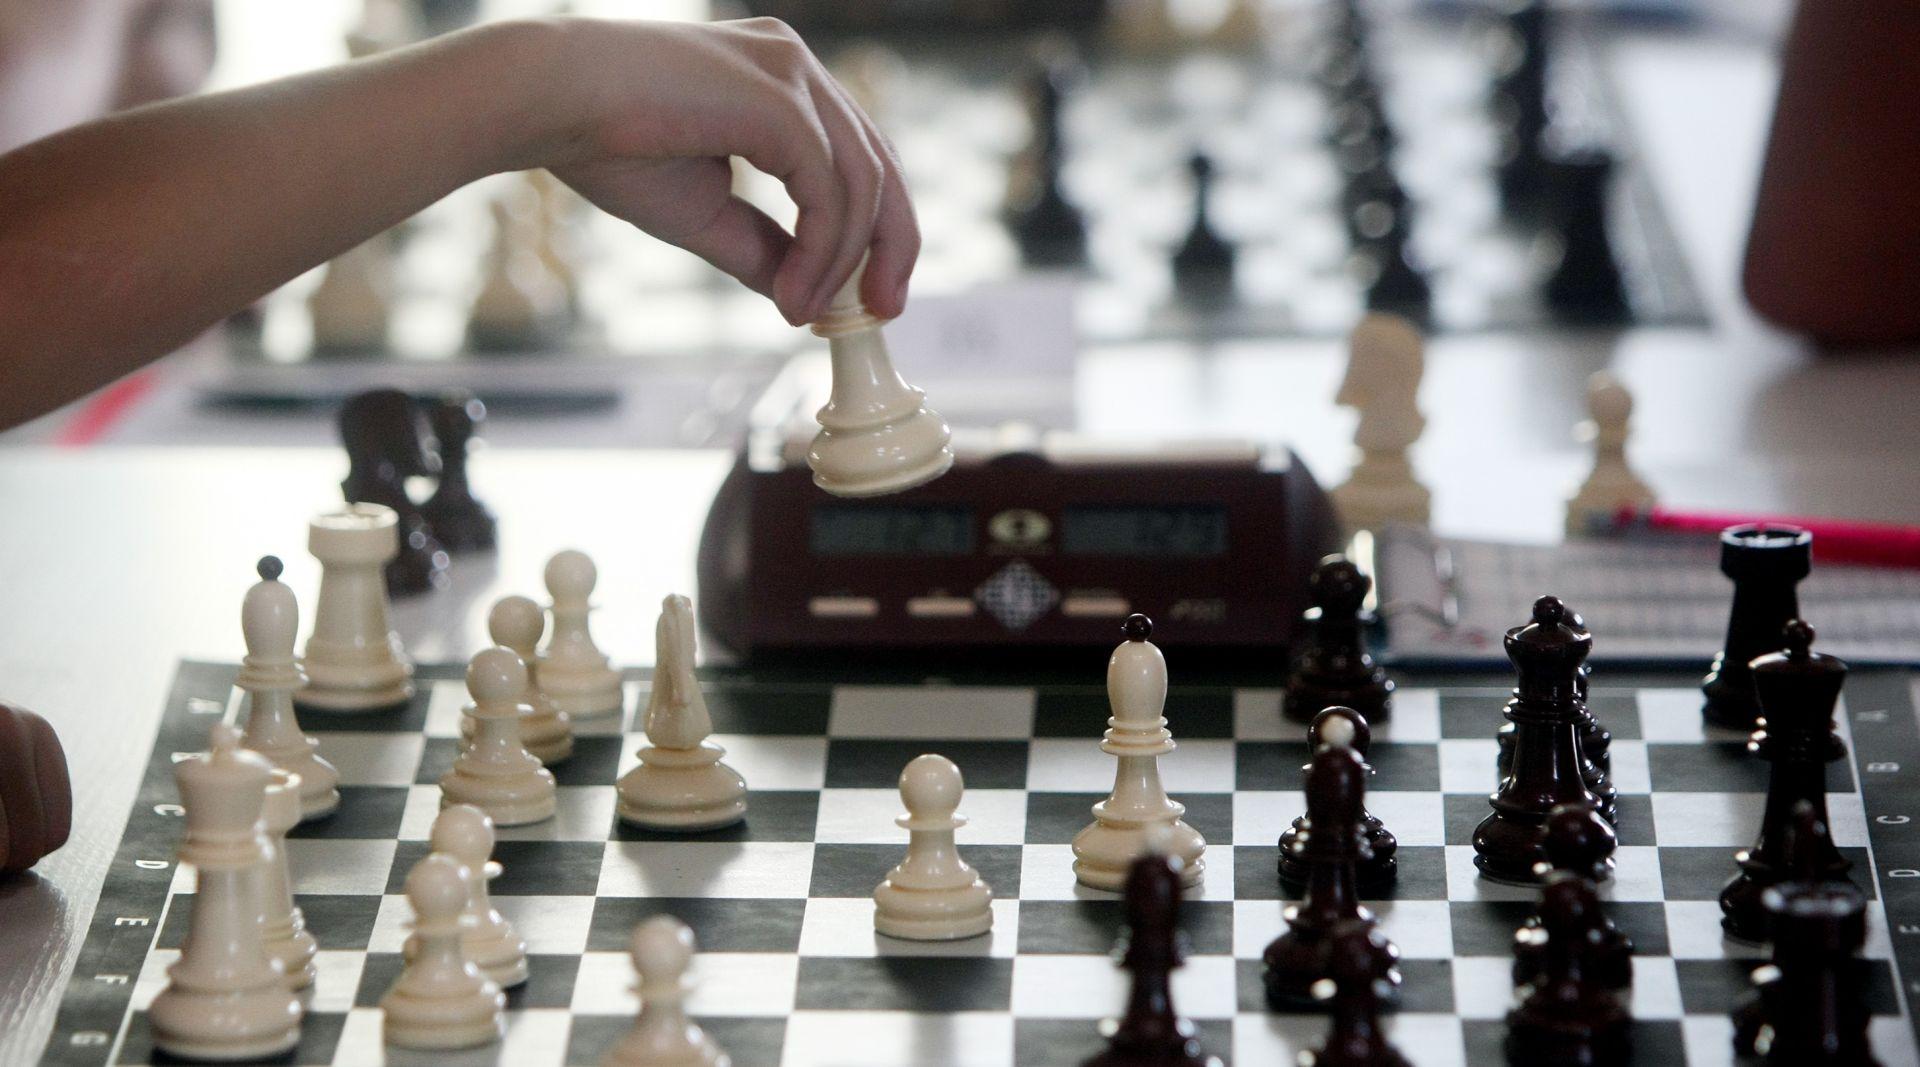 VIDEO: Rusi igraju šah u zaleđenom jezeru